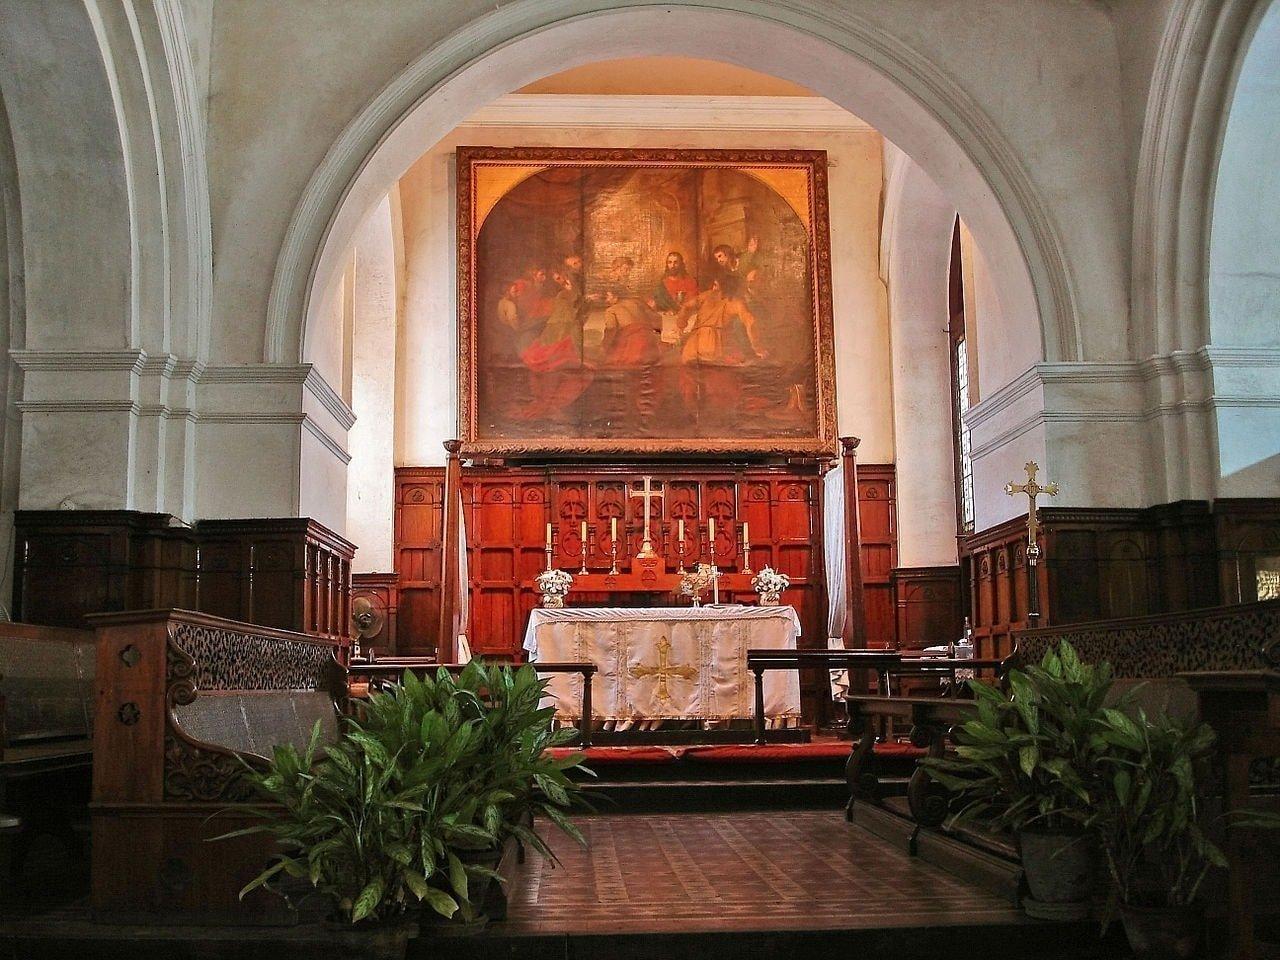 1280px-St_Marys_Church_altar